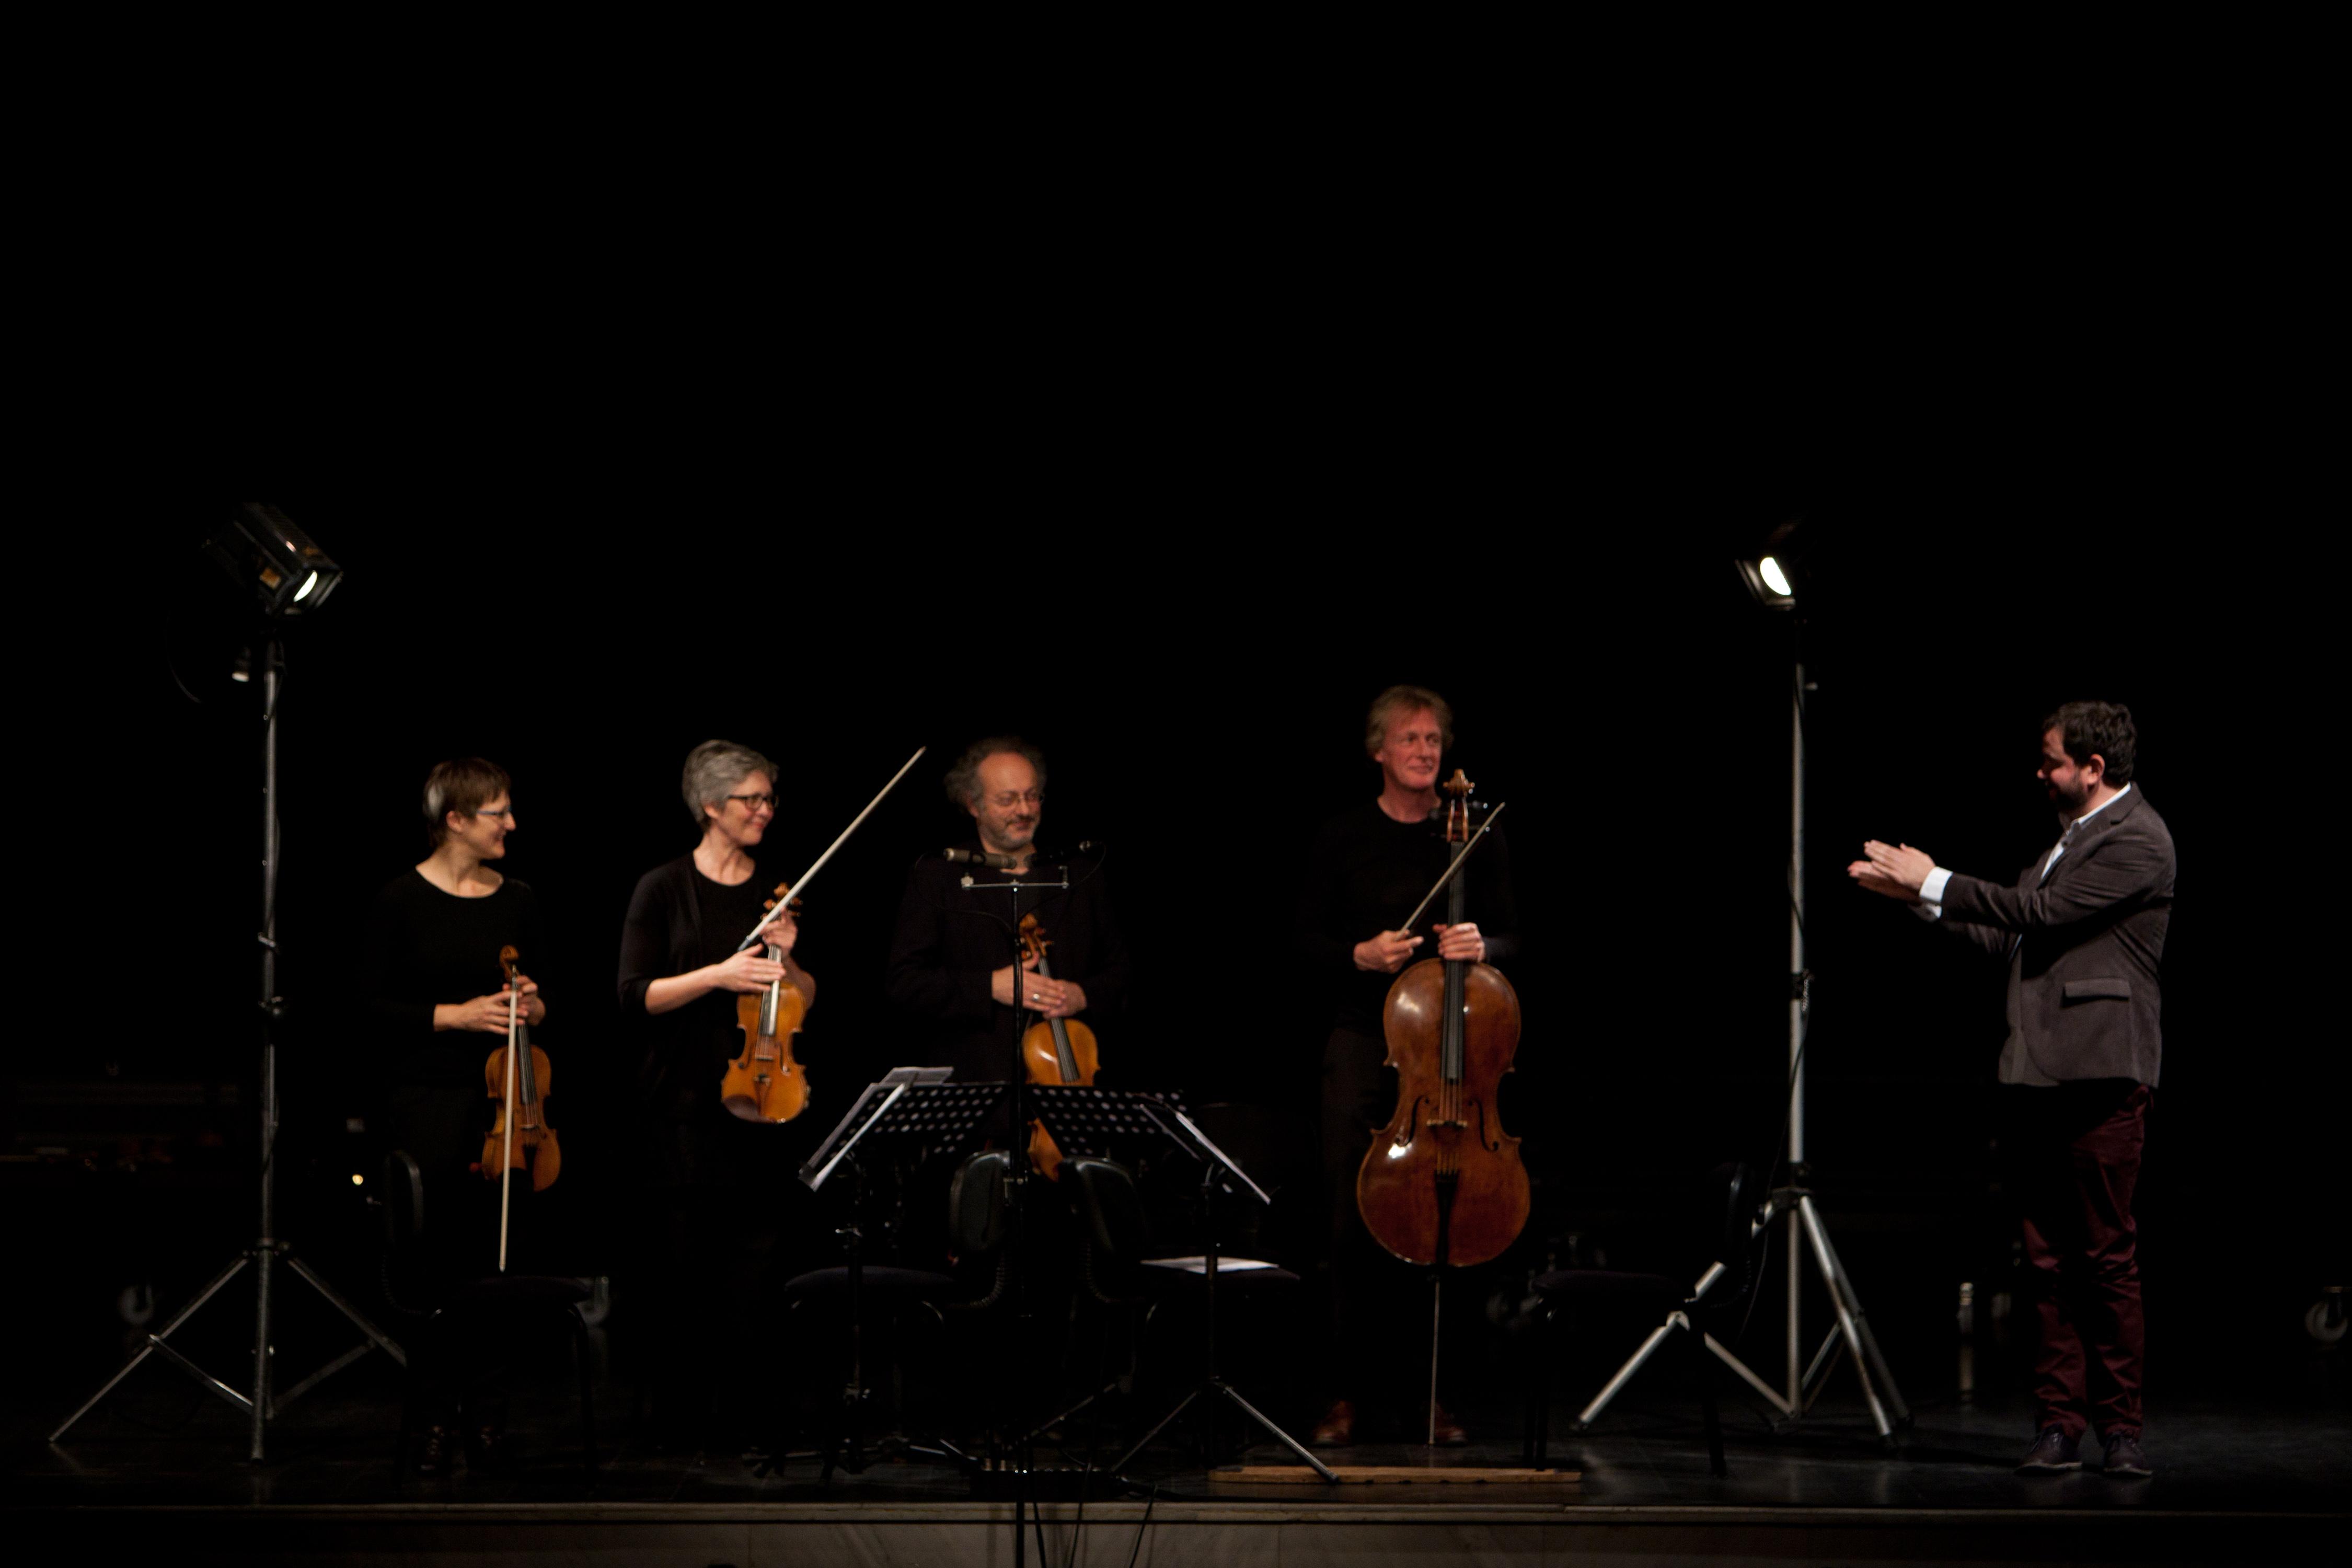 Klangforum String Quartet-D.Lardelli